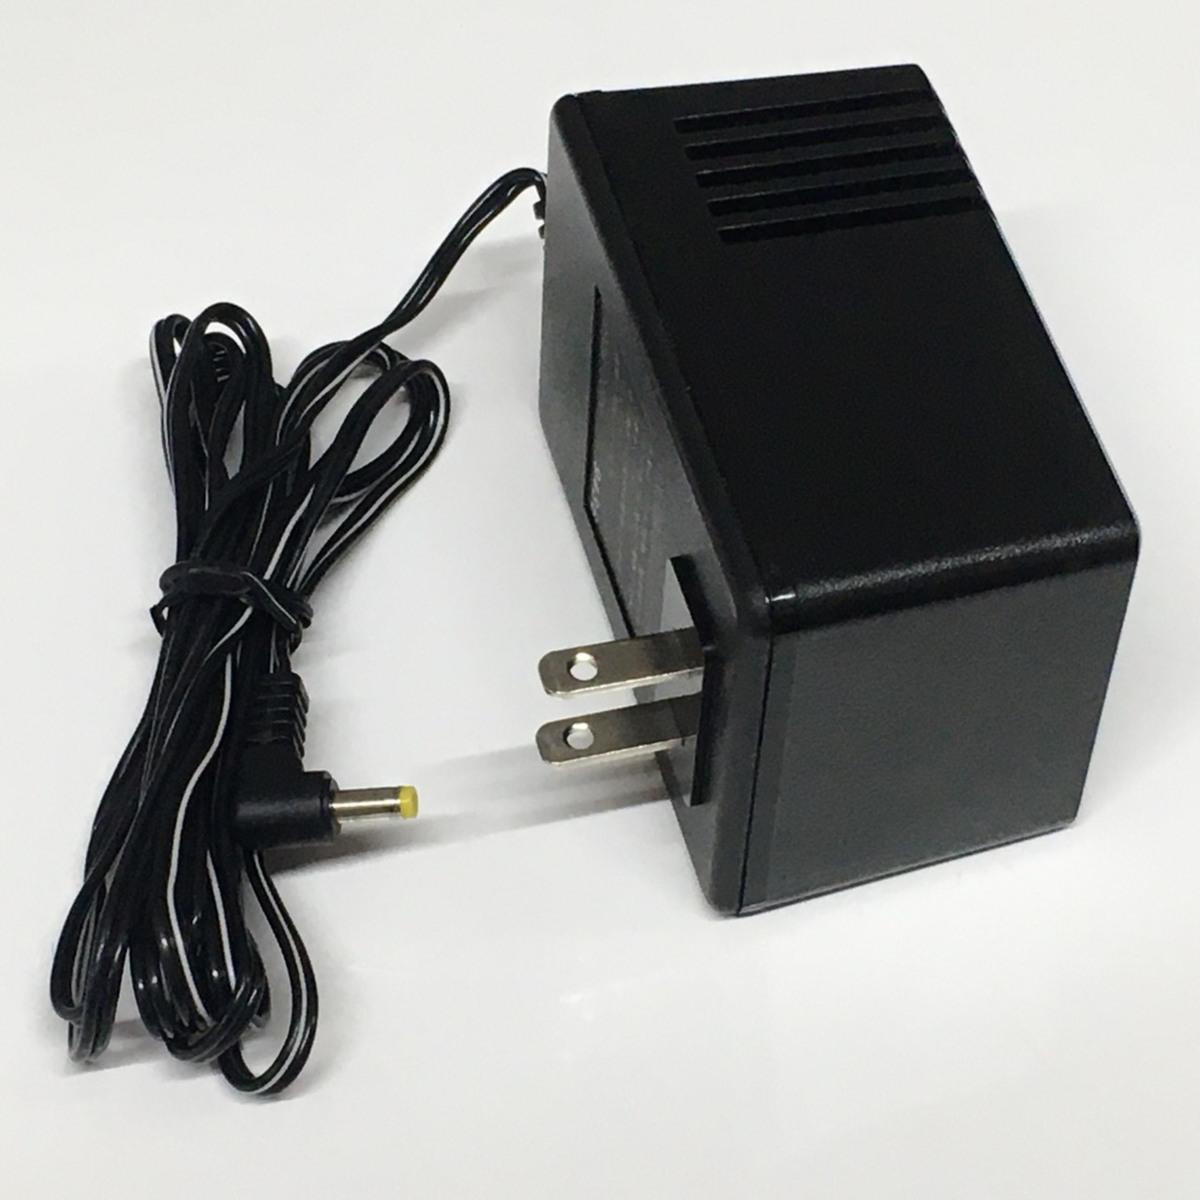 ■カシオ 液晶TV専用 ACアダプター AD-K600J DC6V 750mA /中古品 CASIO τ■_画像3